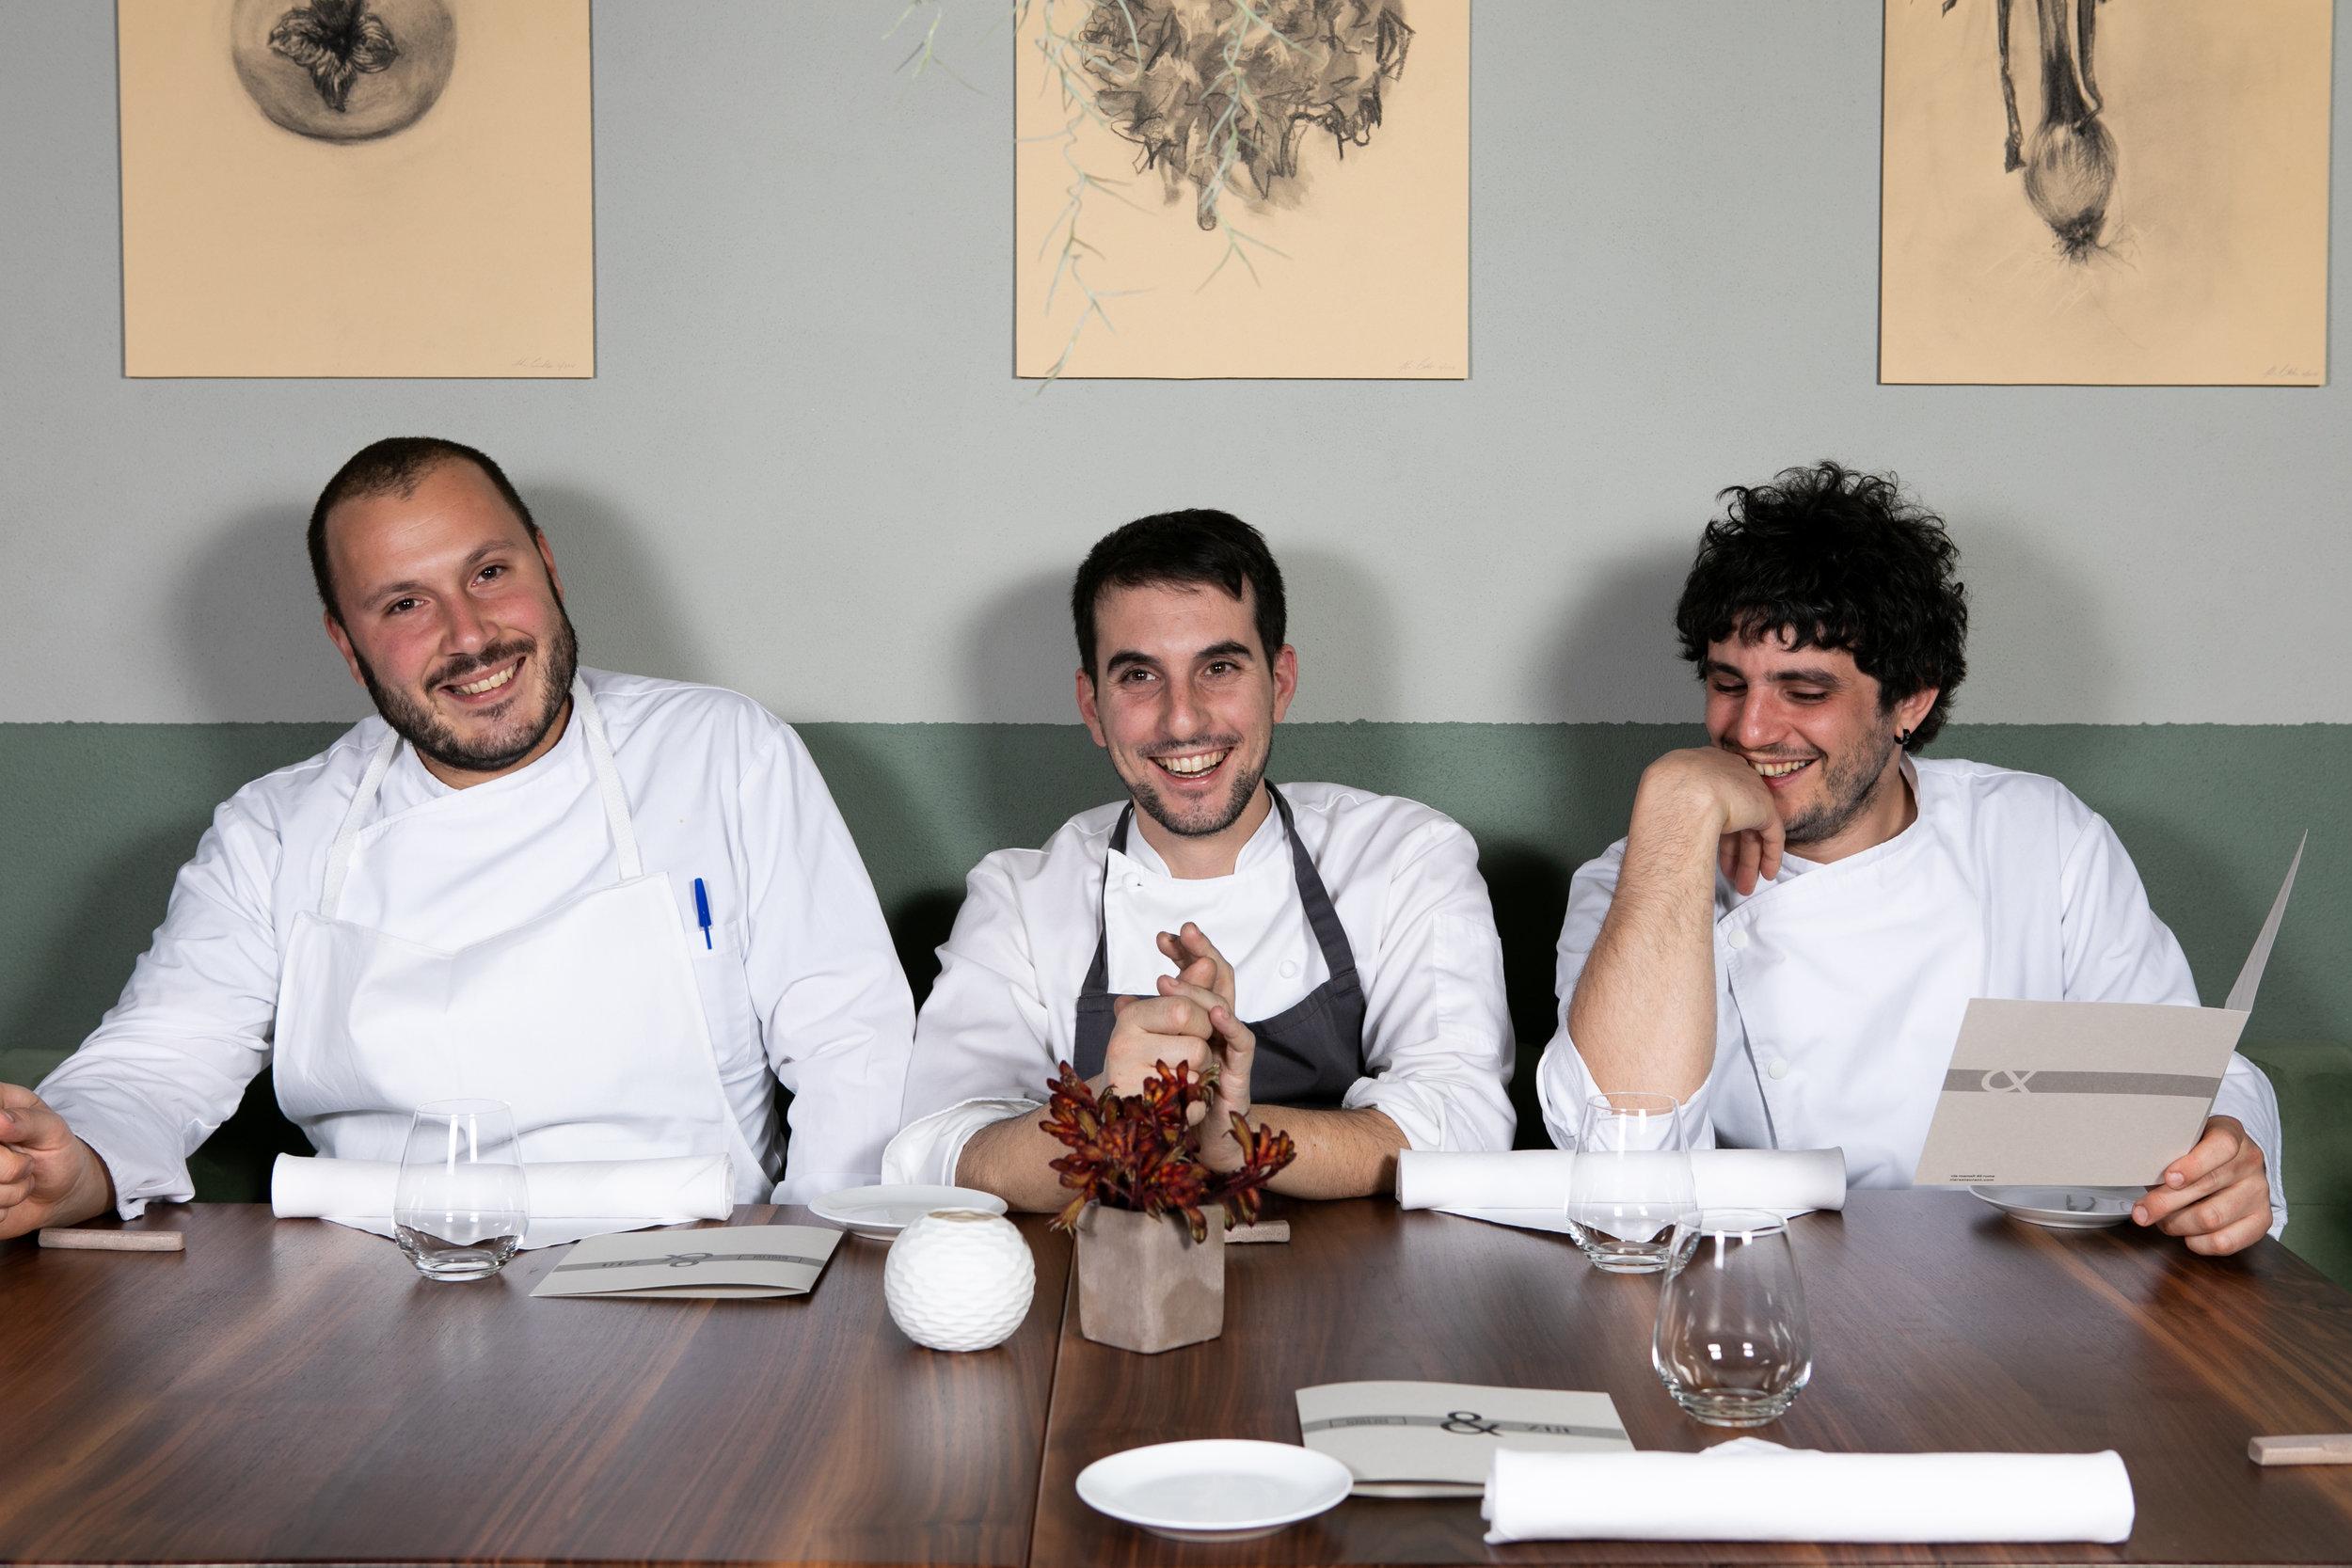 Benedetto Rullo, Antonio Ziantoni, Stefano Terigi, Zia Restaurant/Giglio Ristorante (C/O Aromi)